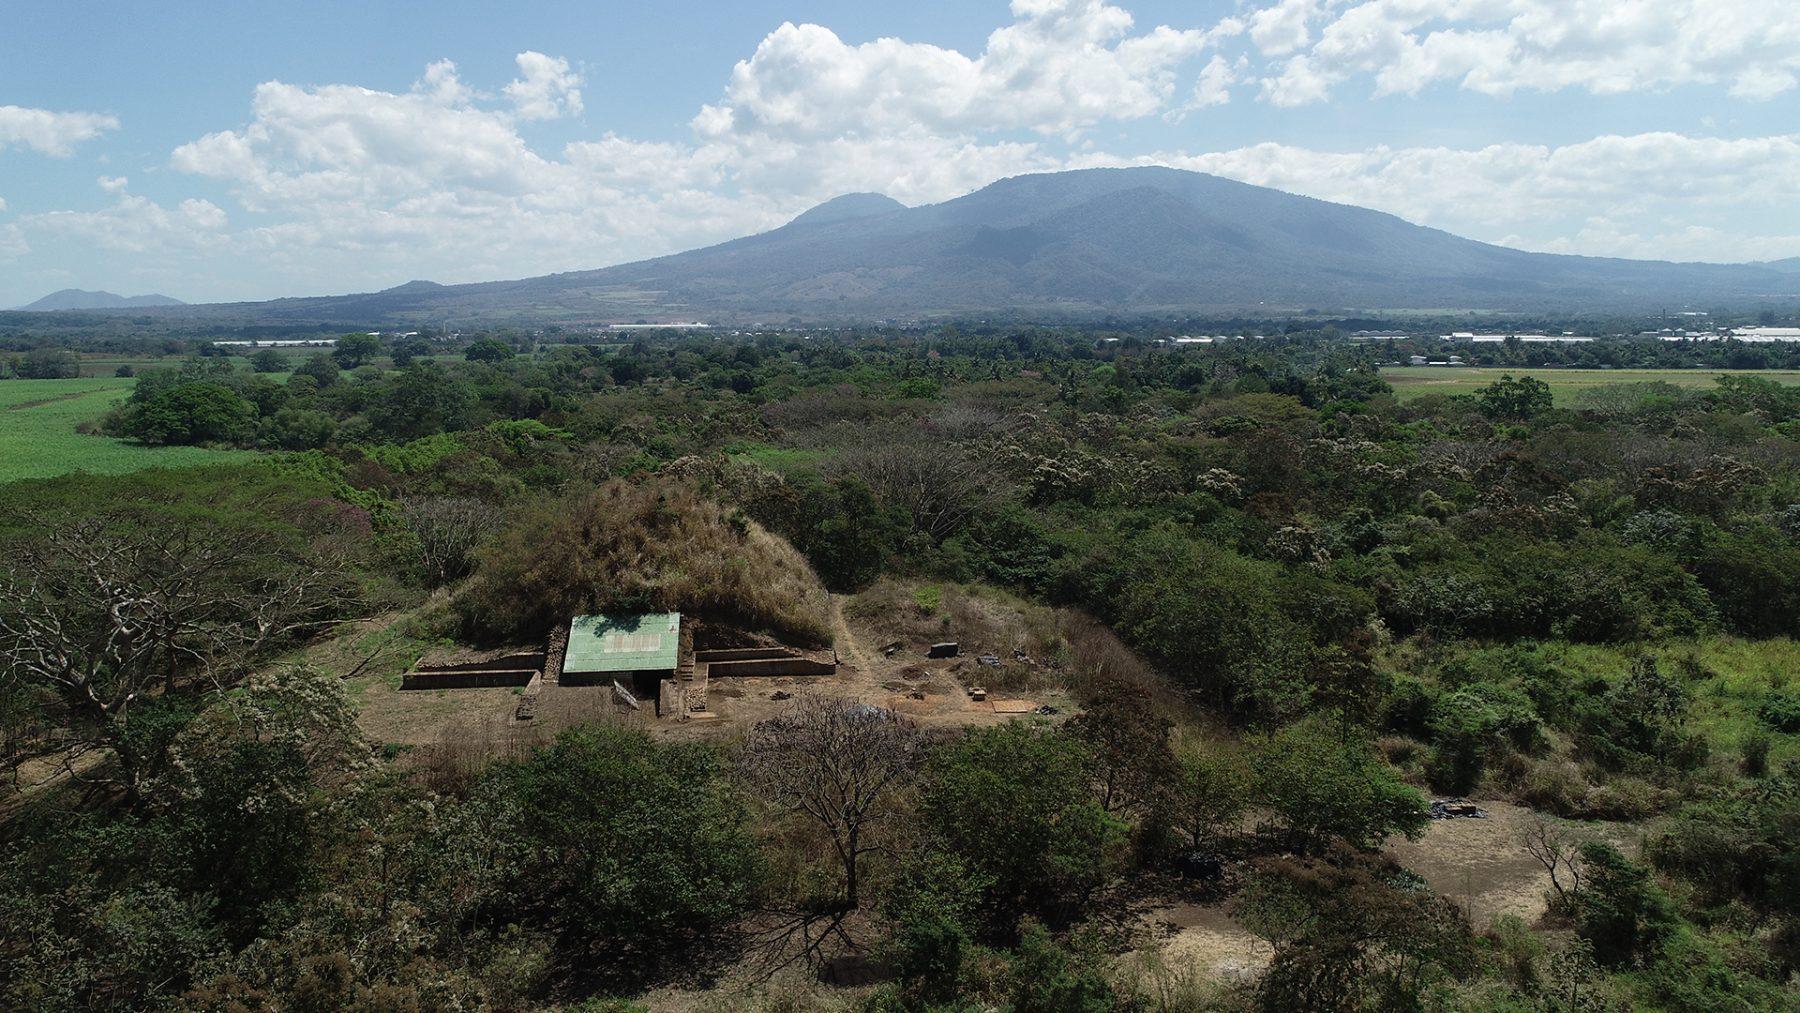 The Mayan pyramid known as the Campana structure. Credit: Akira Ichikawa / Antiquity, 2021